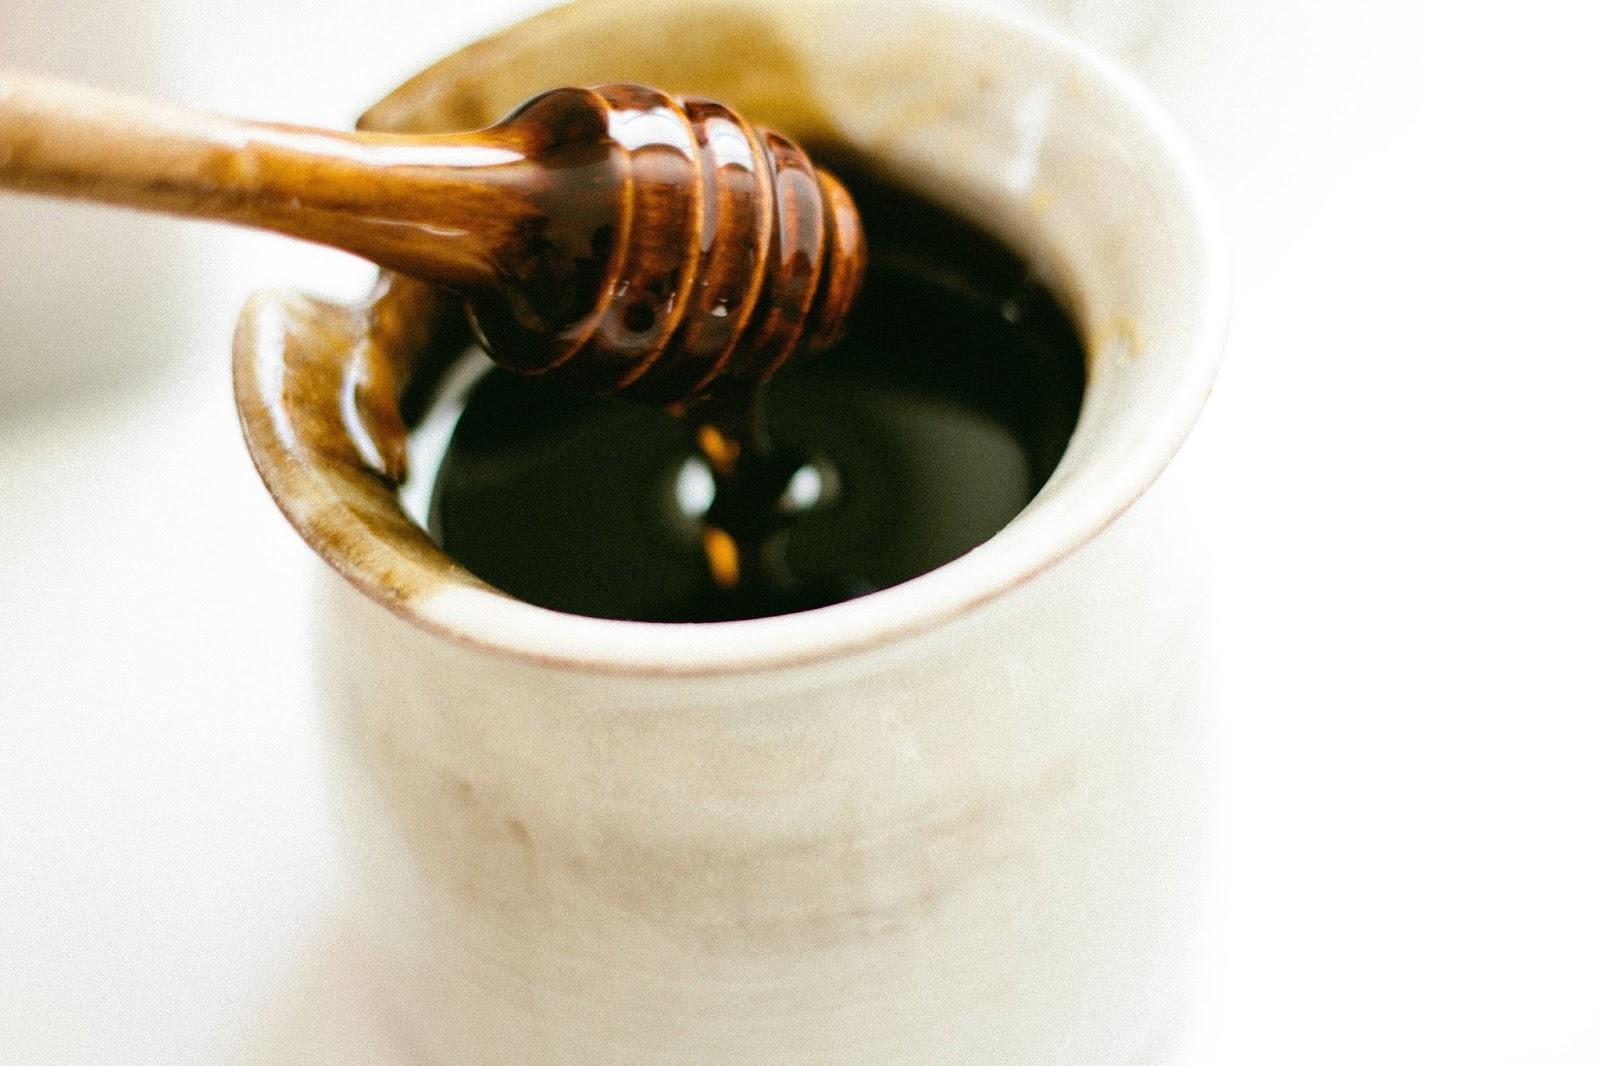 Miód a odchudzanie - do czego przyda się miód w domu?